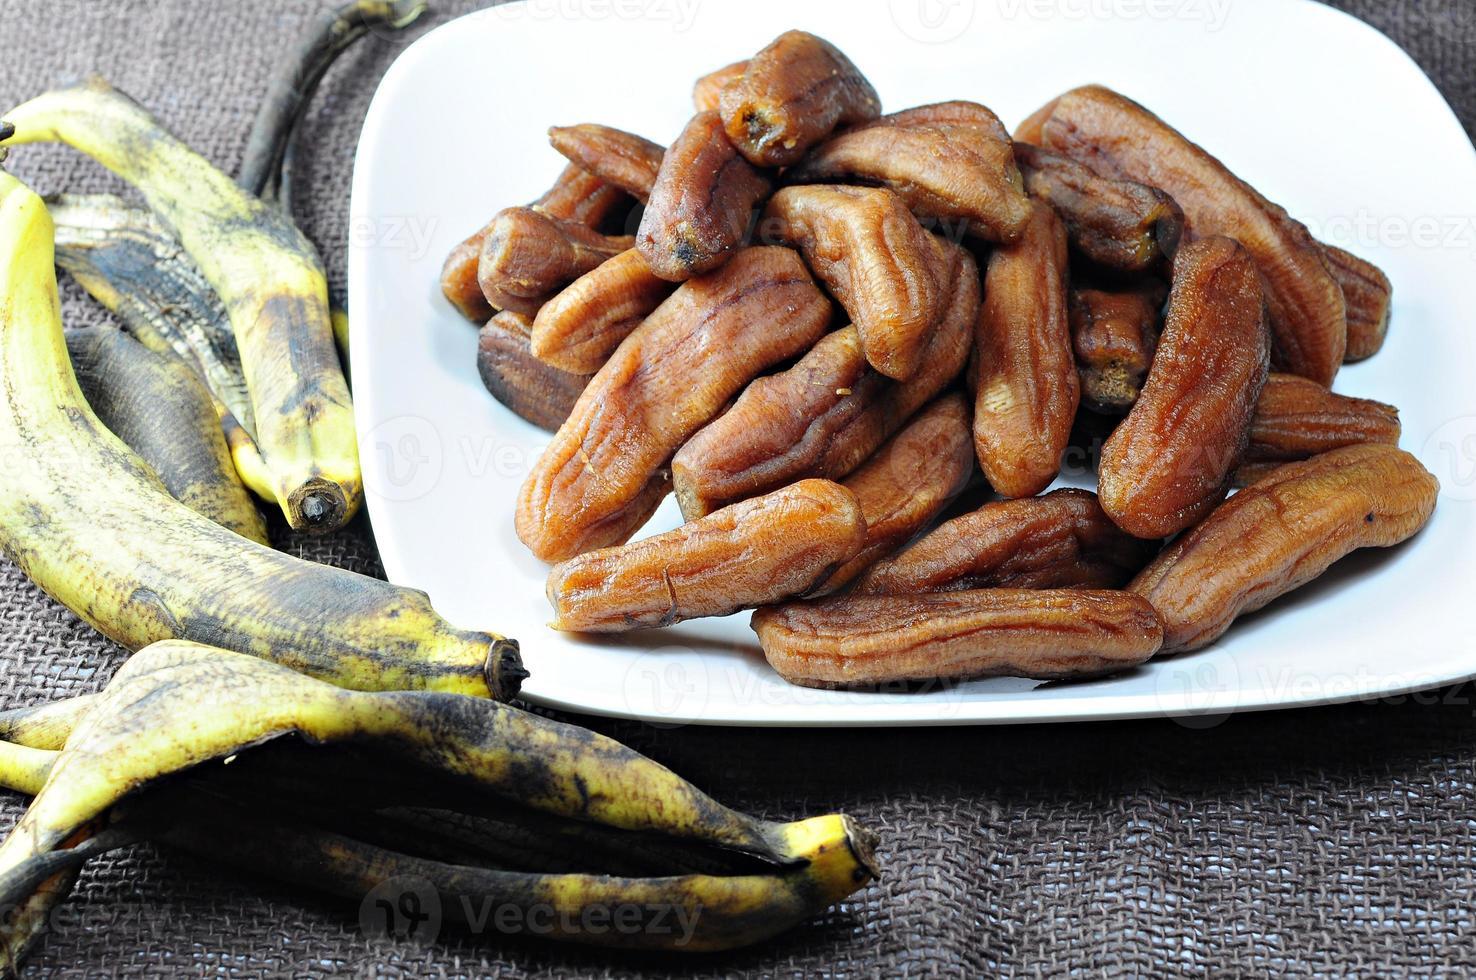 casca de banana e banana seca colocou um prato de branco. foto